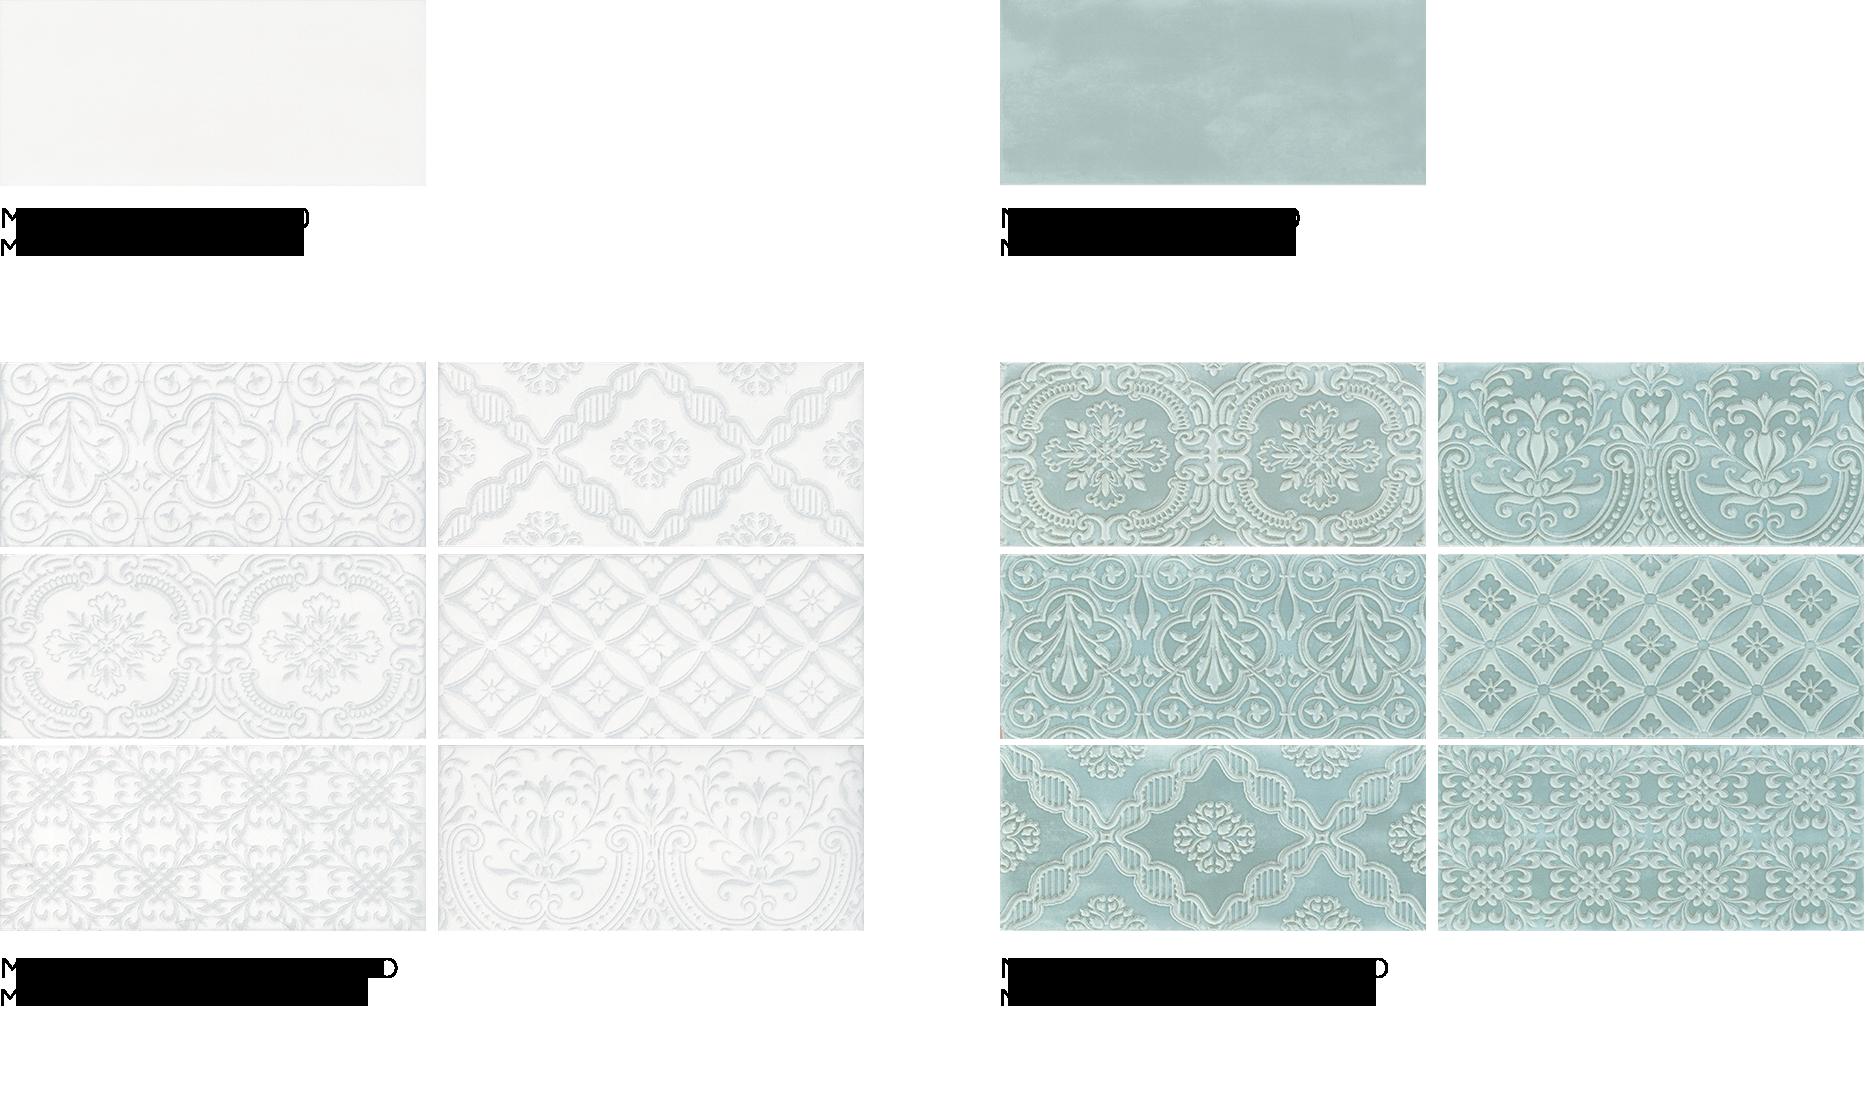 Maiolica White & Maiolica Aqua - Ceramic Wall Tiles by ...